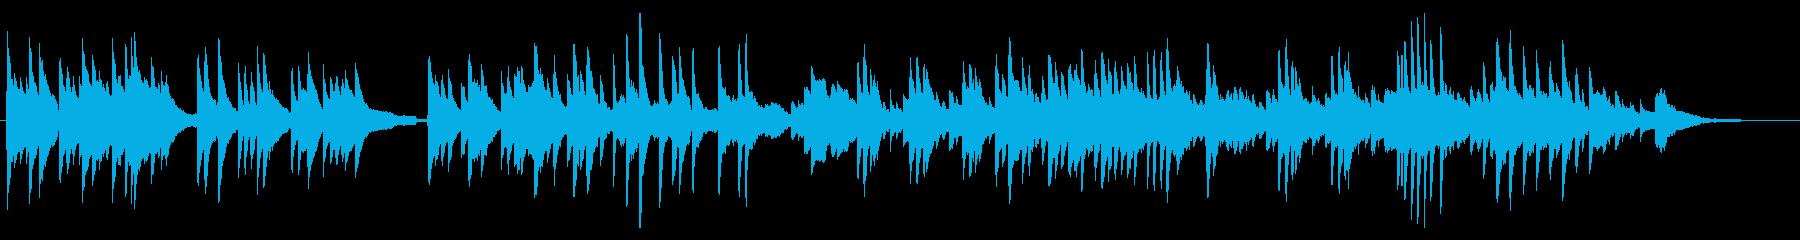 ピアノによる美しいバラード曲の再生済みの波形